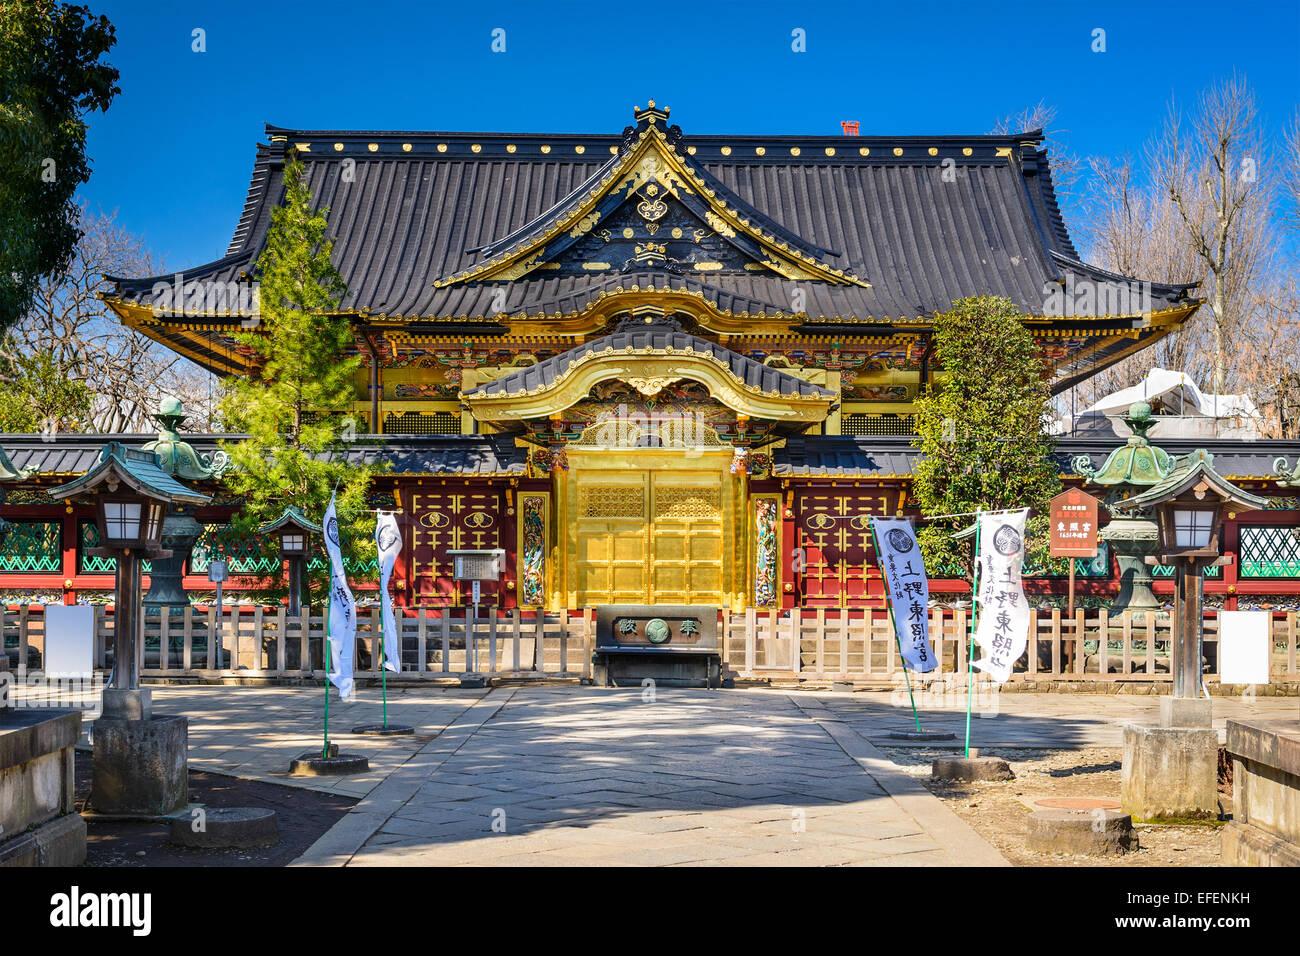 Toshogu Shrine in Ueno Park in Tokyo, Japan. - Stock Image